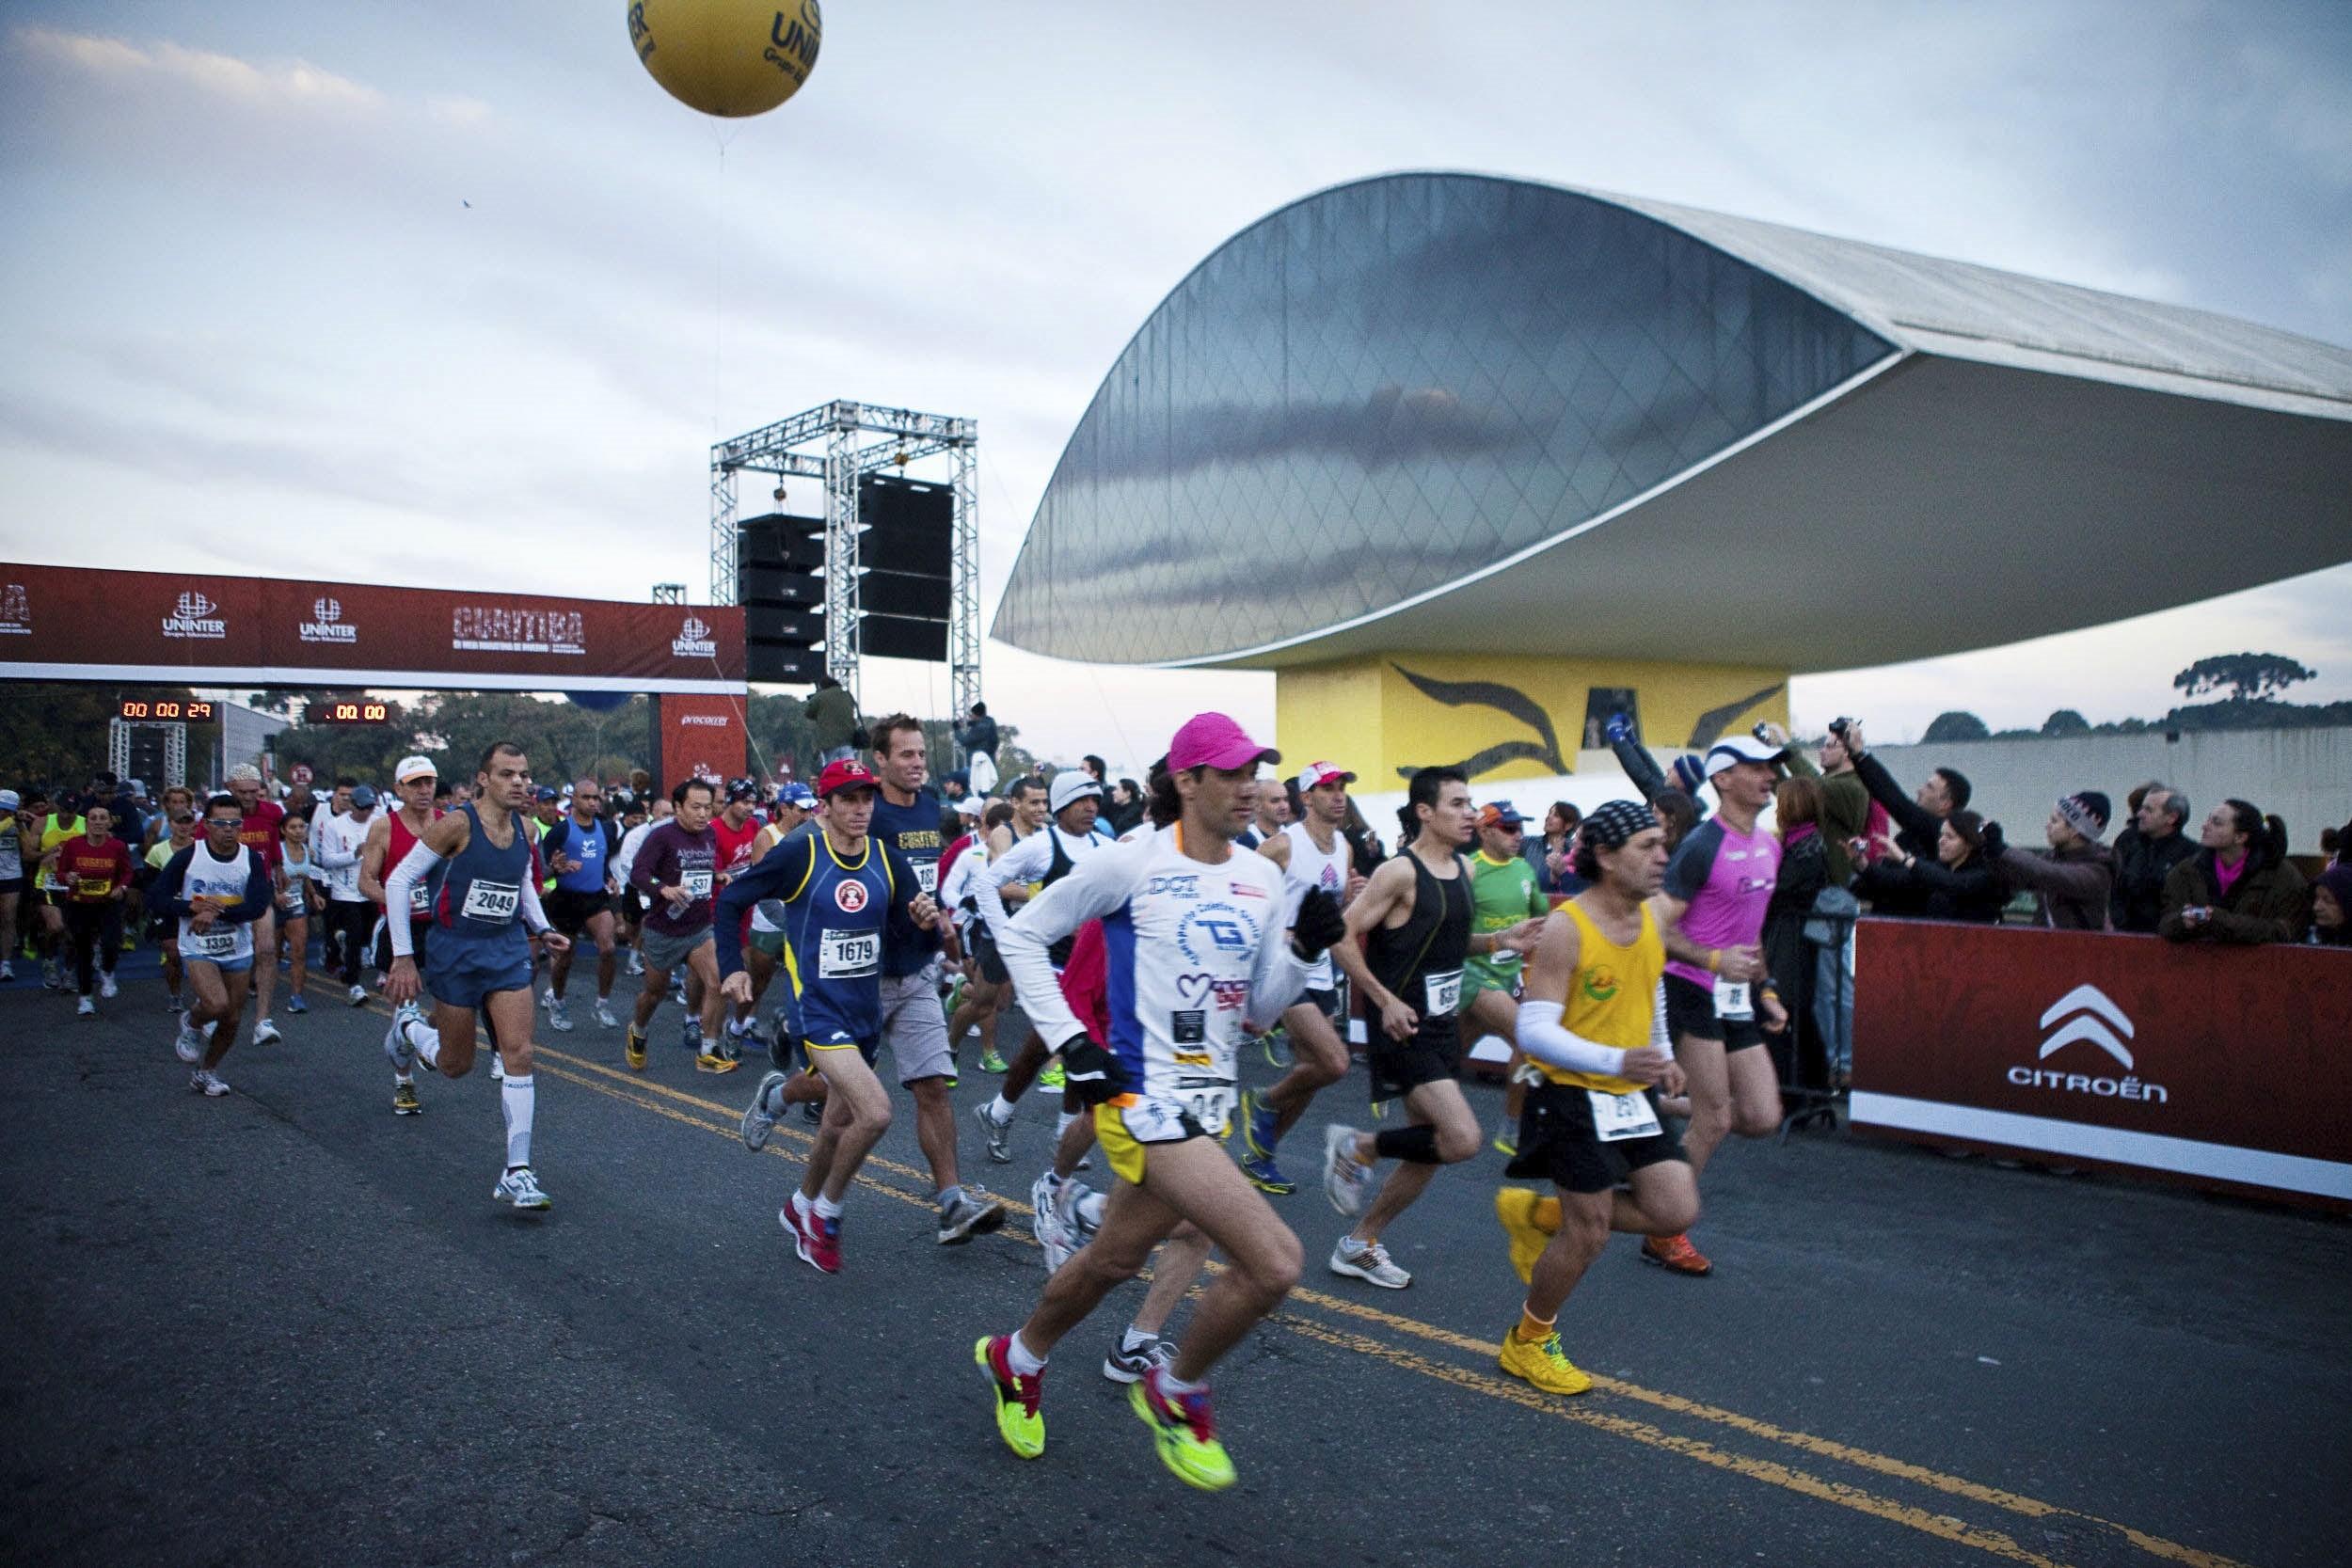 Maratona de Curitiba terá bloqueios no trânsito em várias ruas neste domingo